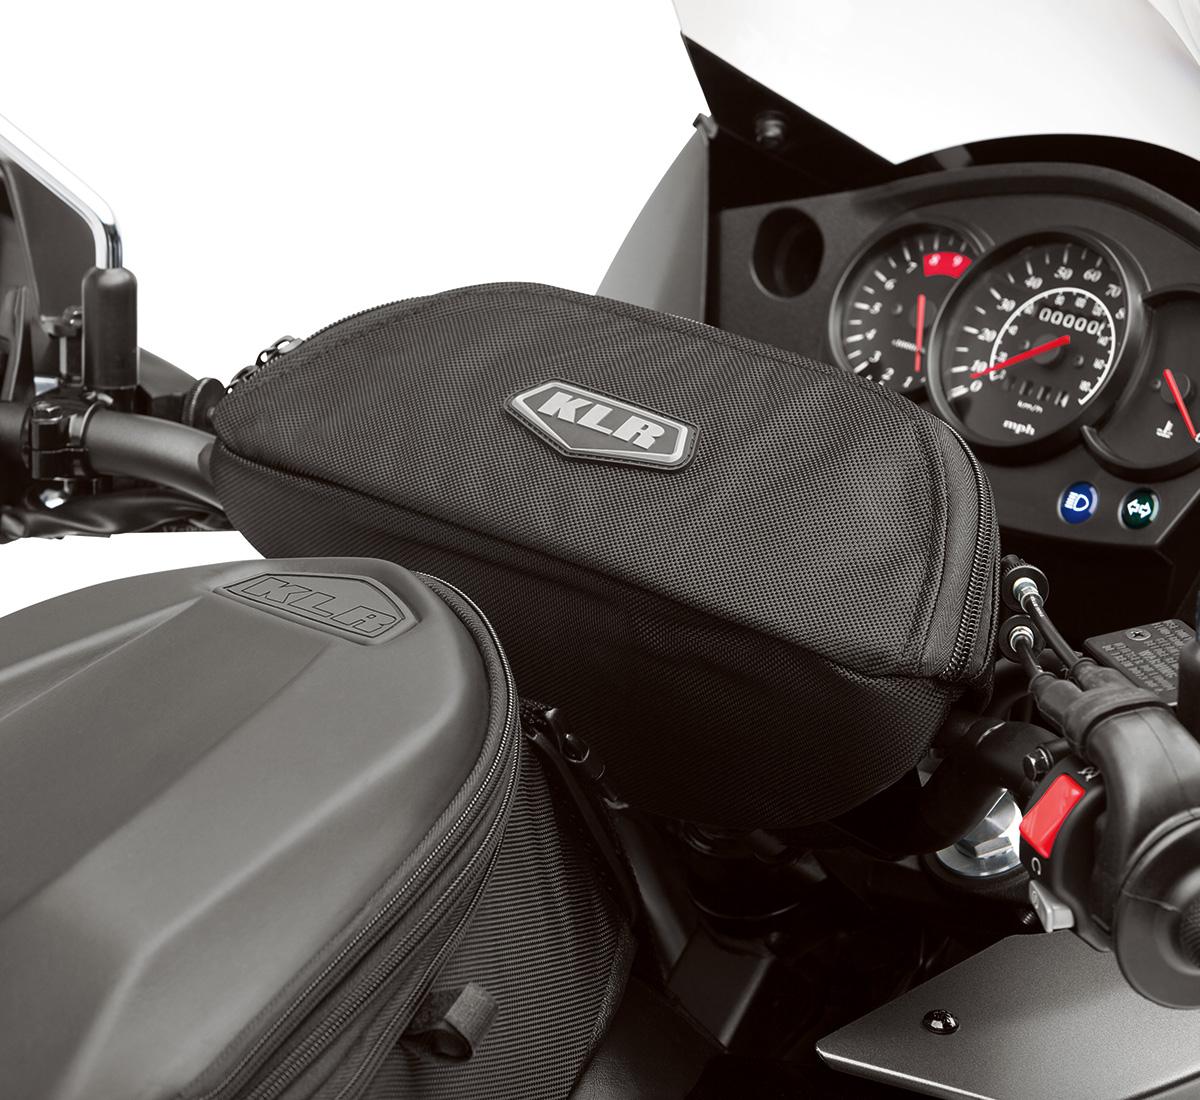 2018 Klr650 Klr Klx Motorcycle By Kawasaki 2007 650 Wiring Diagram Free Download Trans Handlebar Bag